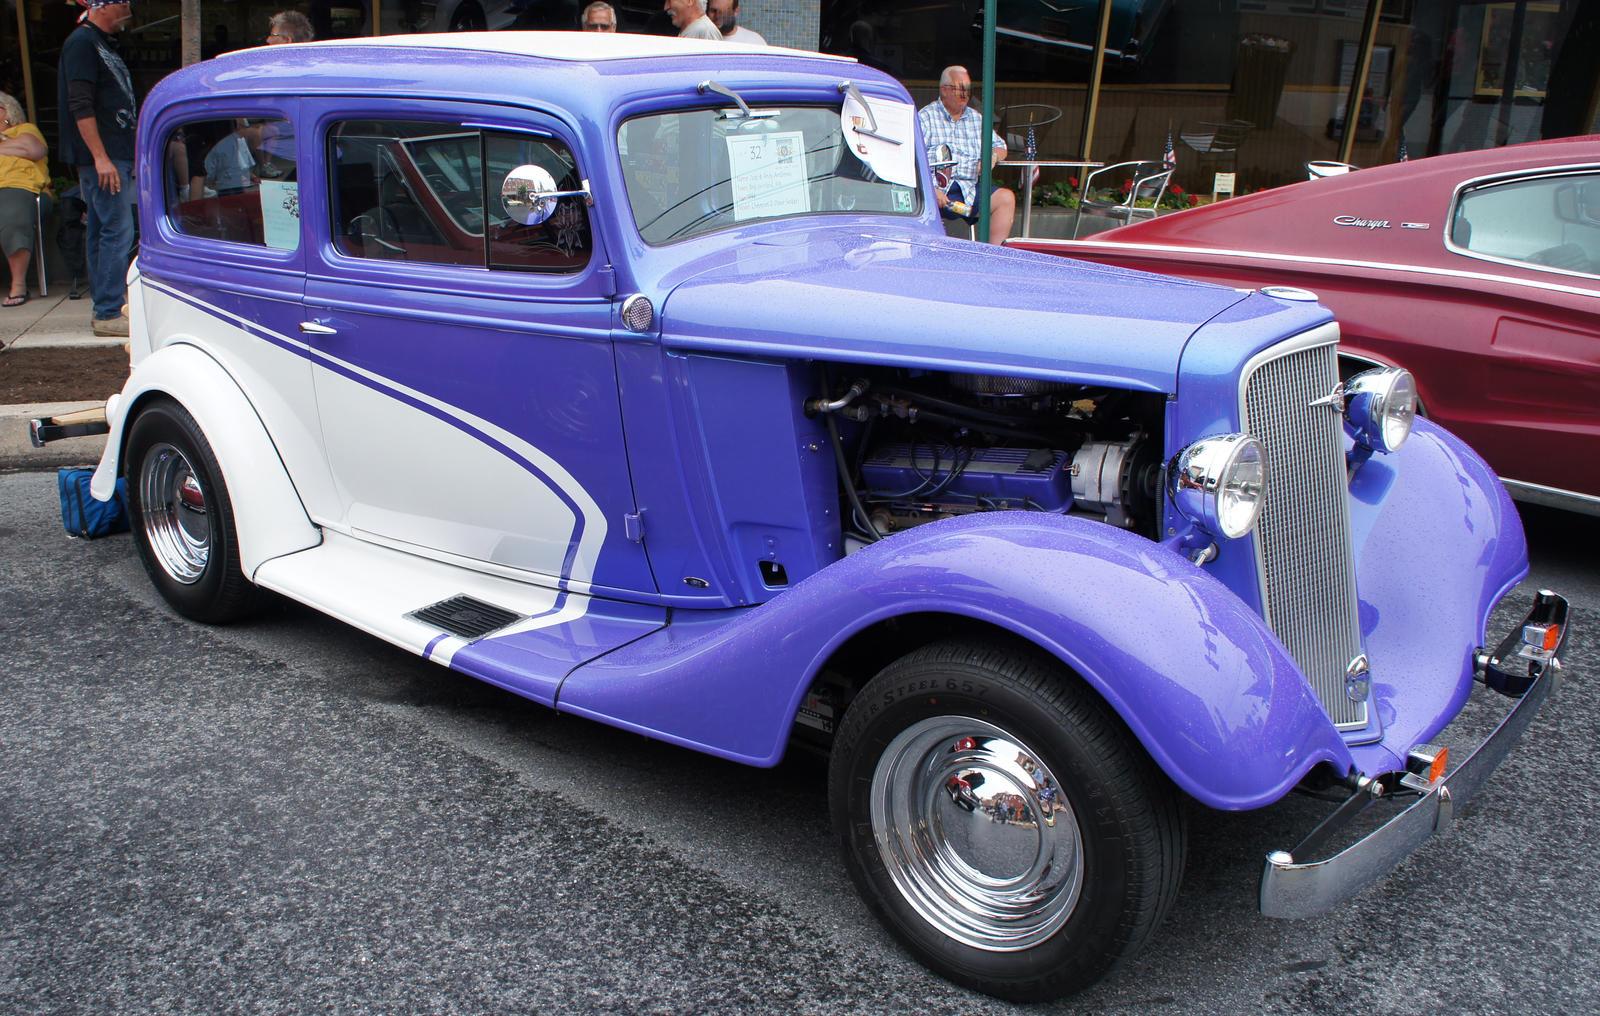 1934 chevy 2 door sedan by theshepherd1 on deviantart for 1934 chevrolet 2 door sedan